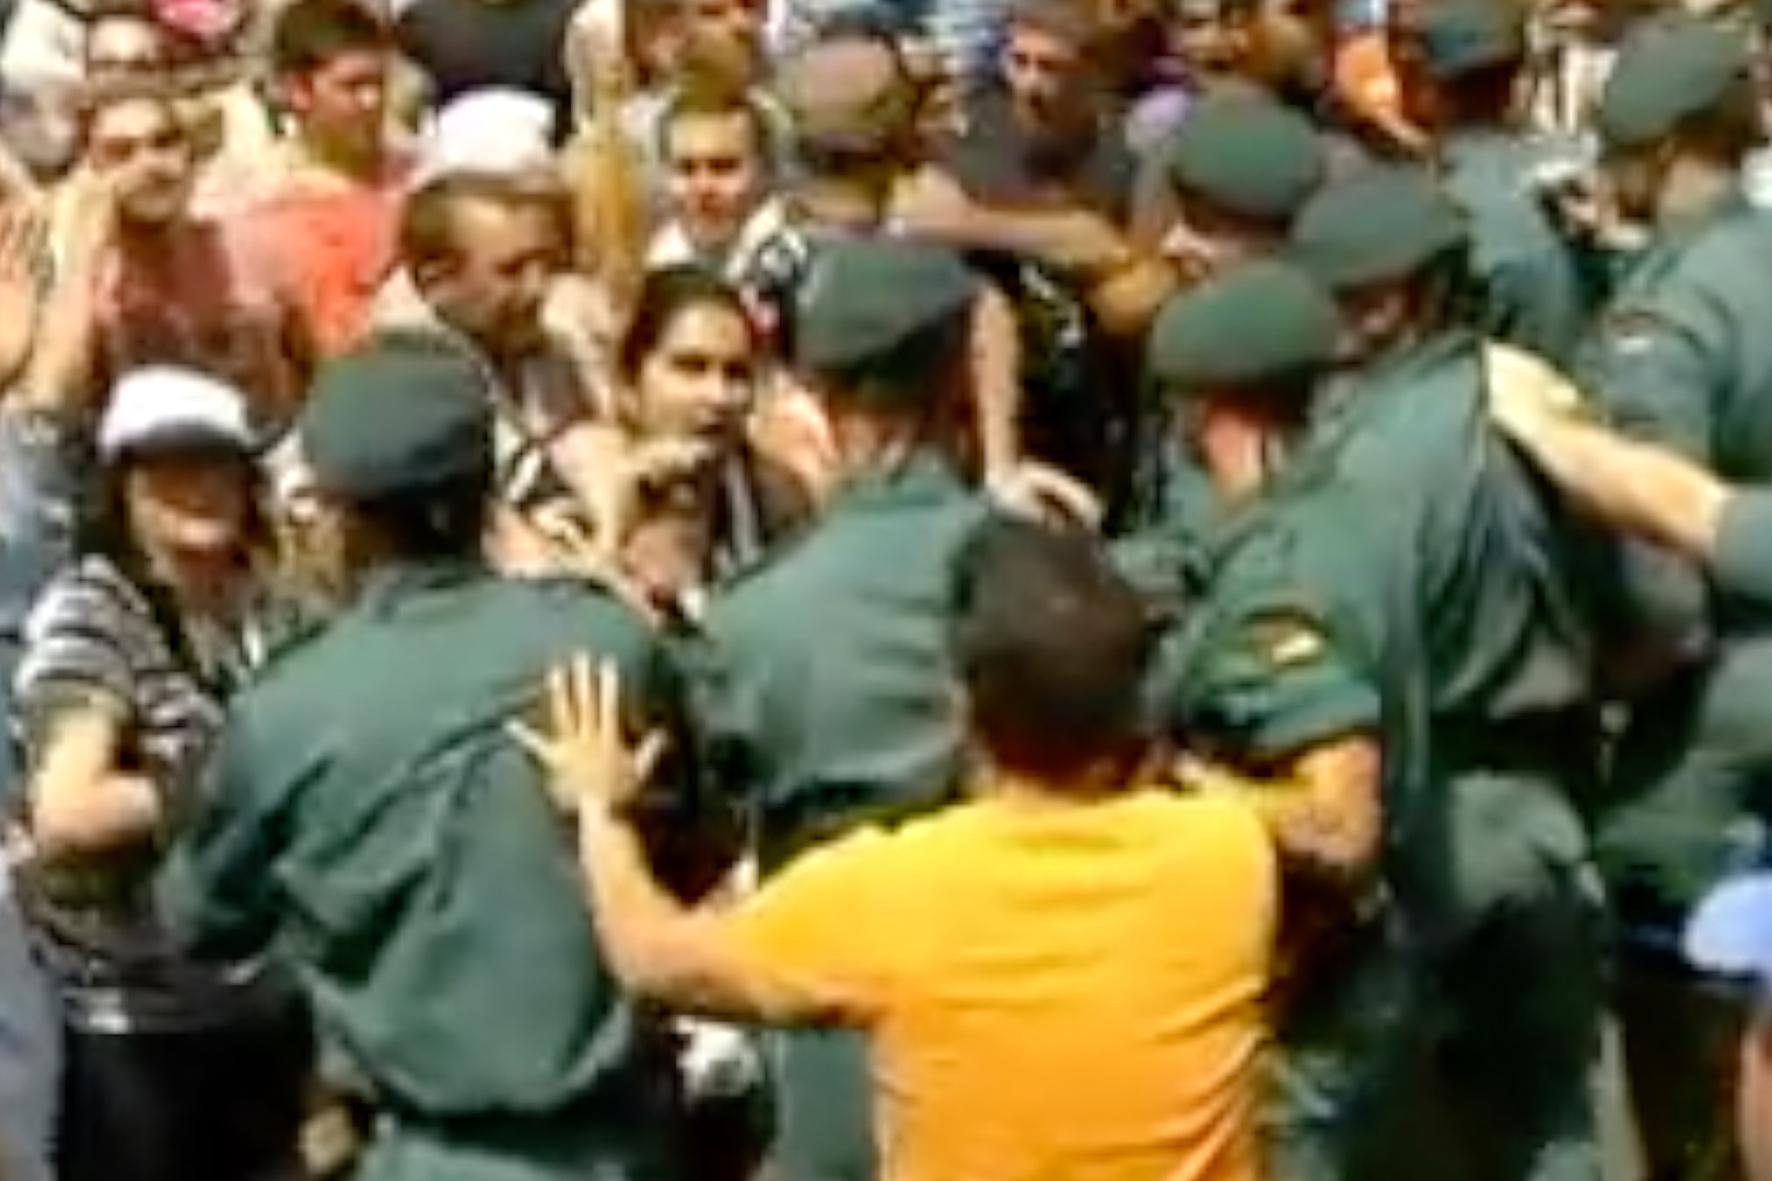 El juicio por los incidentes de la Bajada de 2009 se celebrará en diciembre